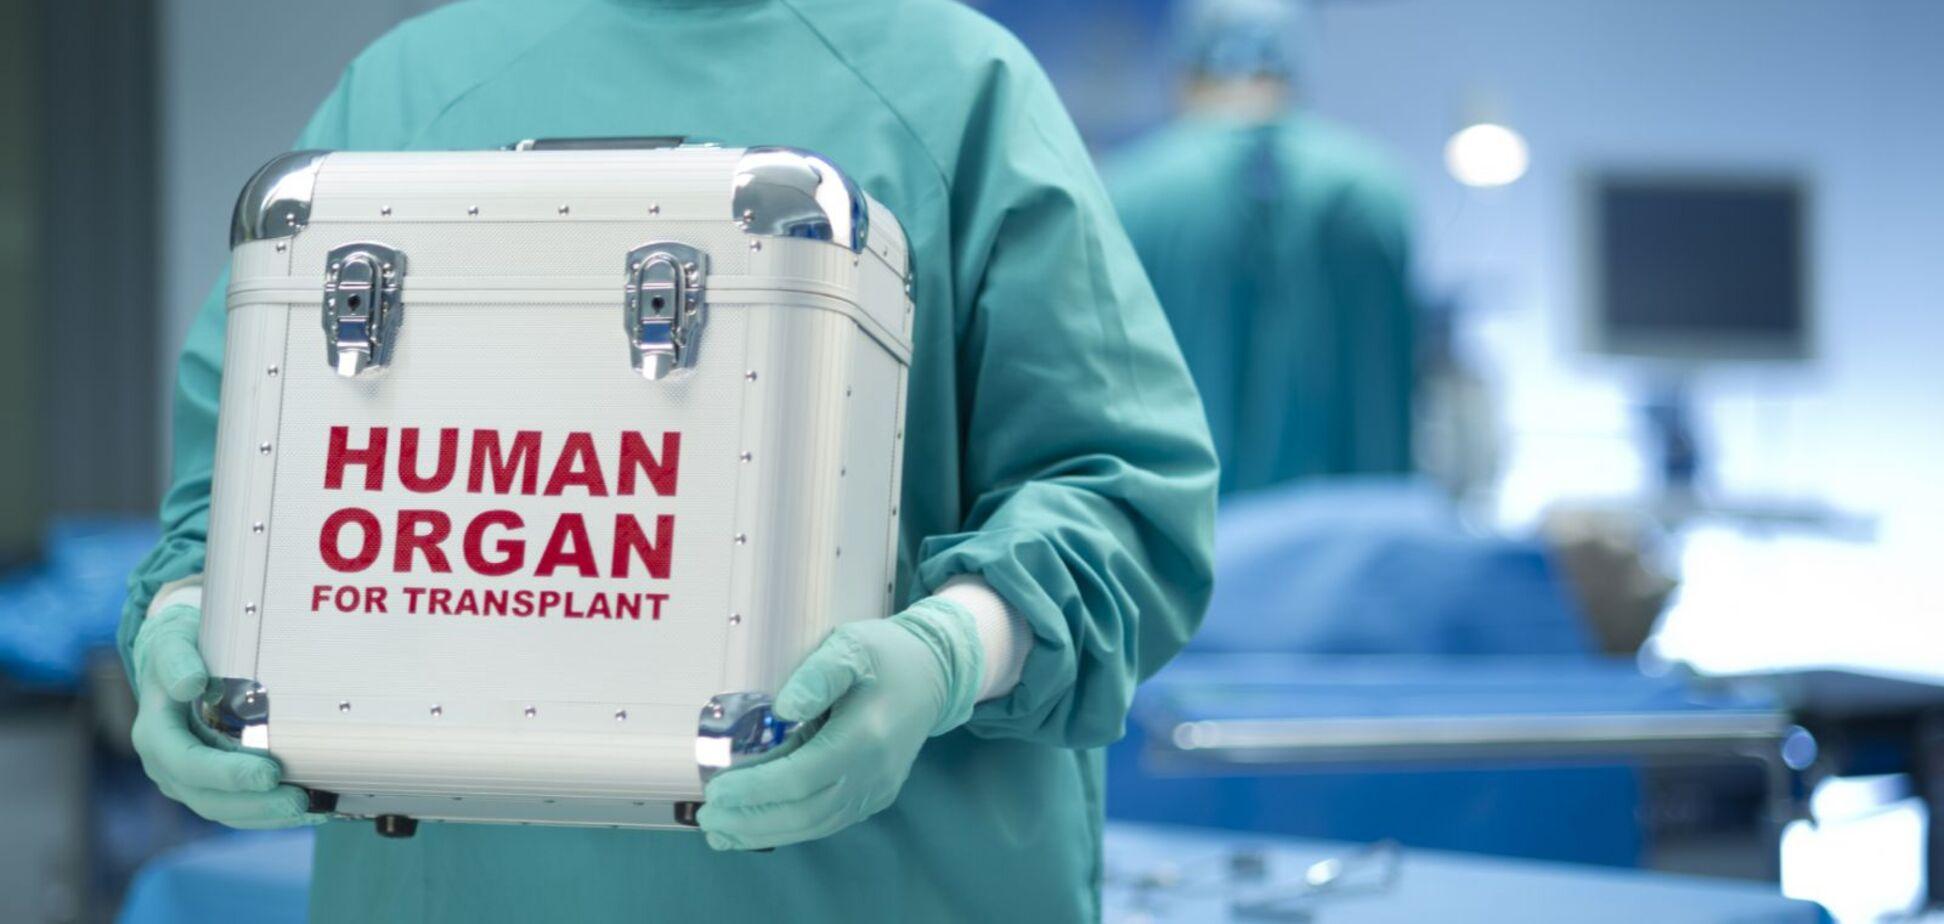 Один может спасти восьмерых: что еще дает трансплантация